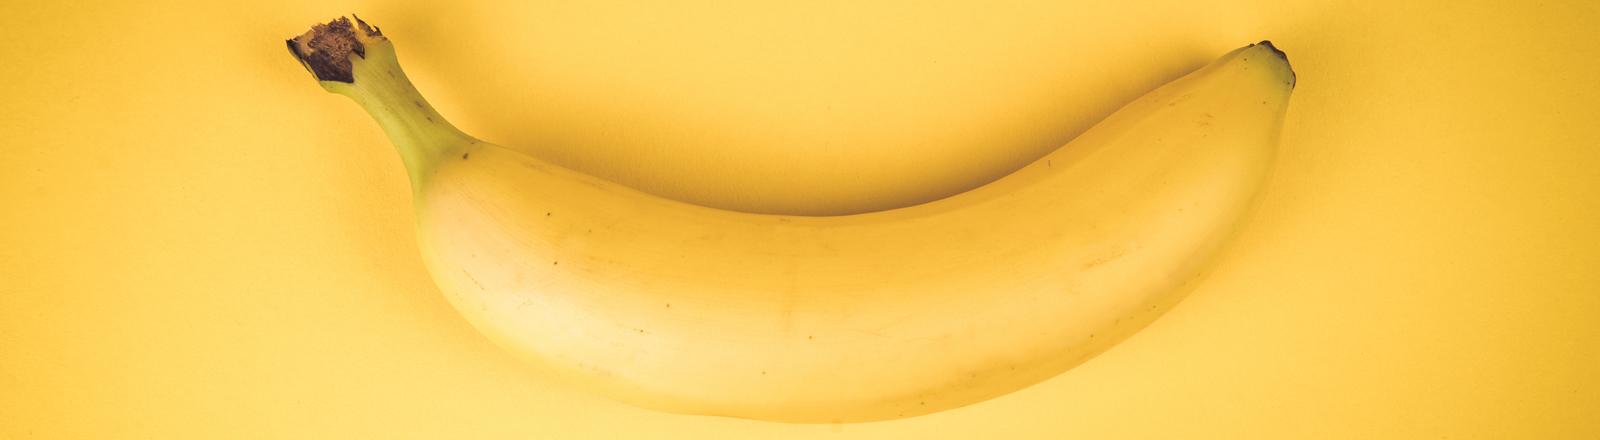 Gelbe Banane vor gelbem Hintergrund